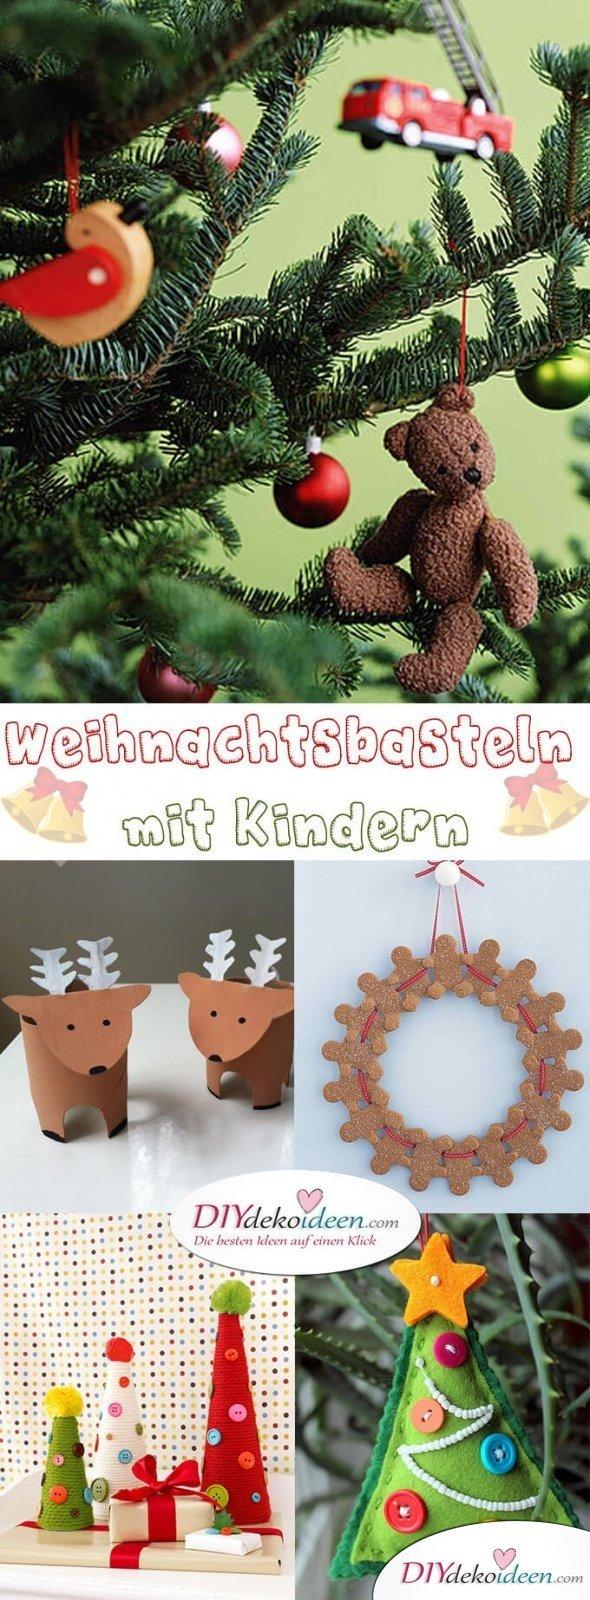 Zauberhafte Ideen Fürs Weihnachtsbasteln Mit Kindern, Die ganzes Weihnachtliche Bastelideen Für Kinder